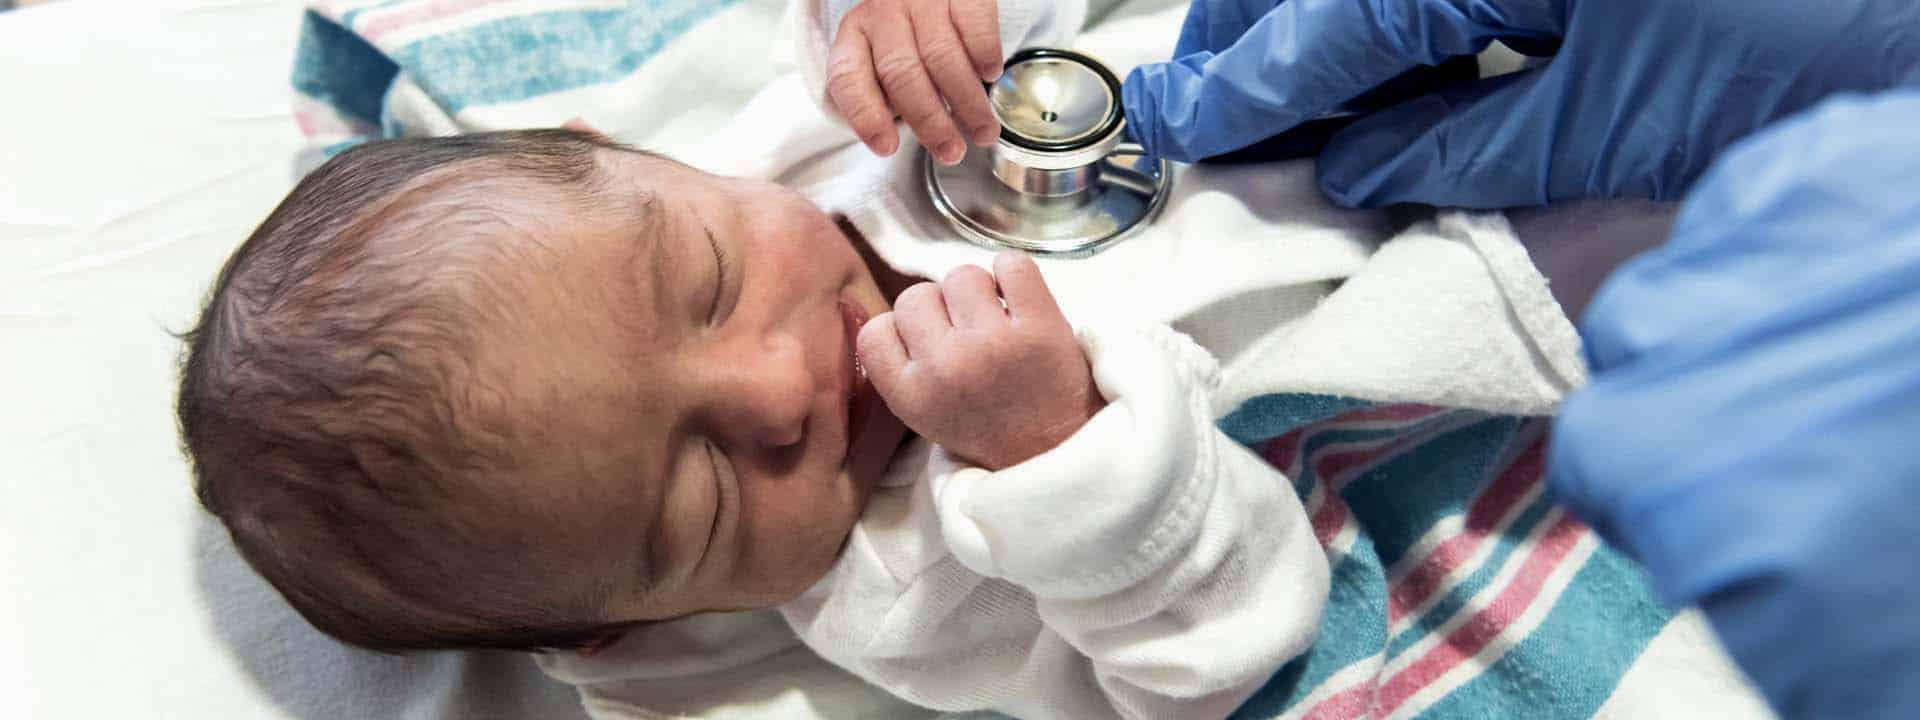 Die Untersuchung eines neugeborenen Schmetterlingkindes